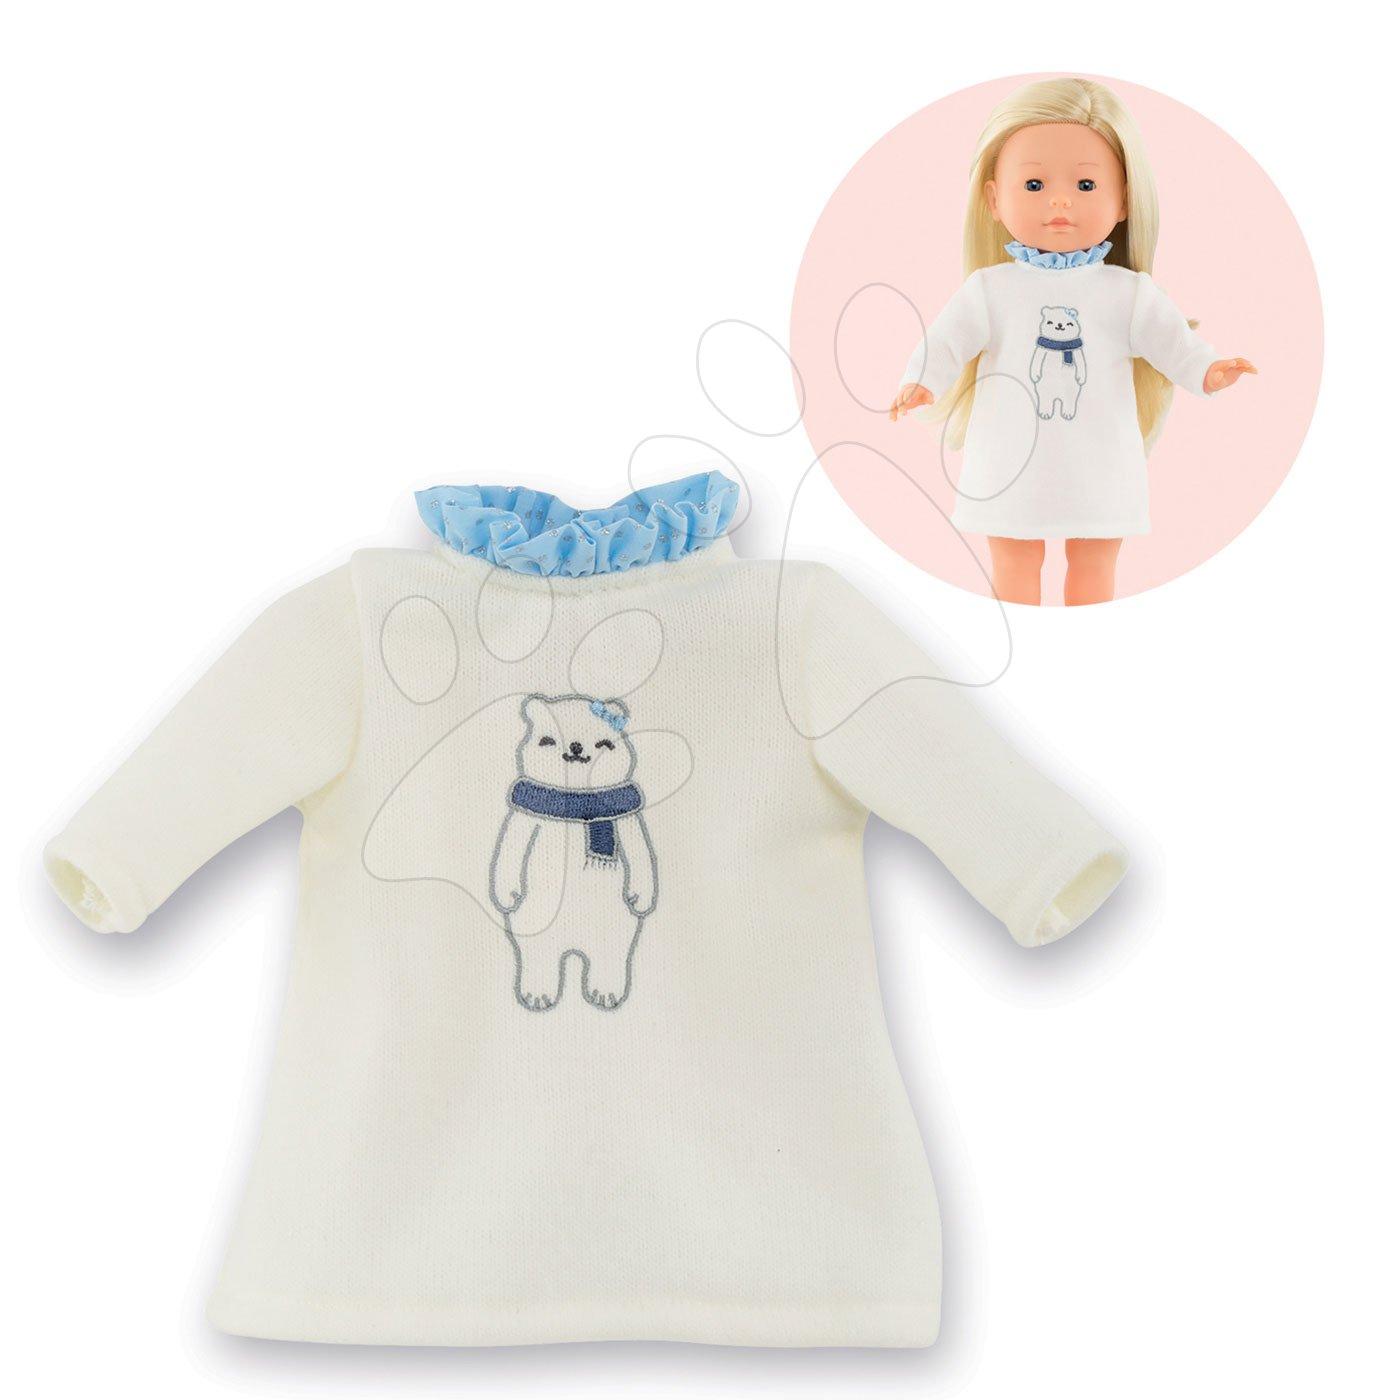 Oblečenie Dress Winter Sparkle Ma Corolle pre 36 cm bábiku od 4 rokov